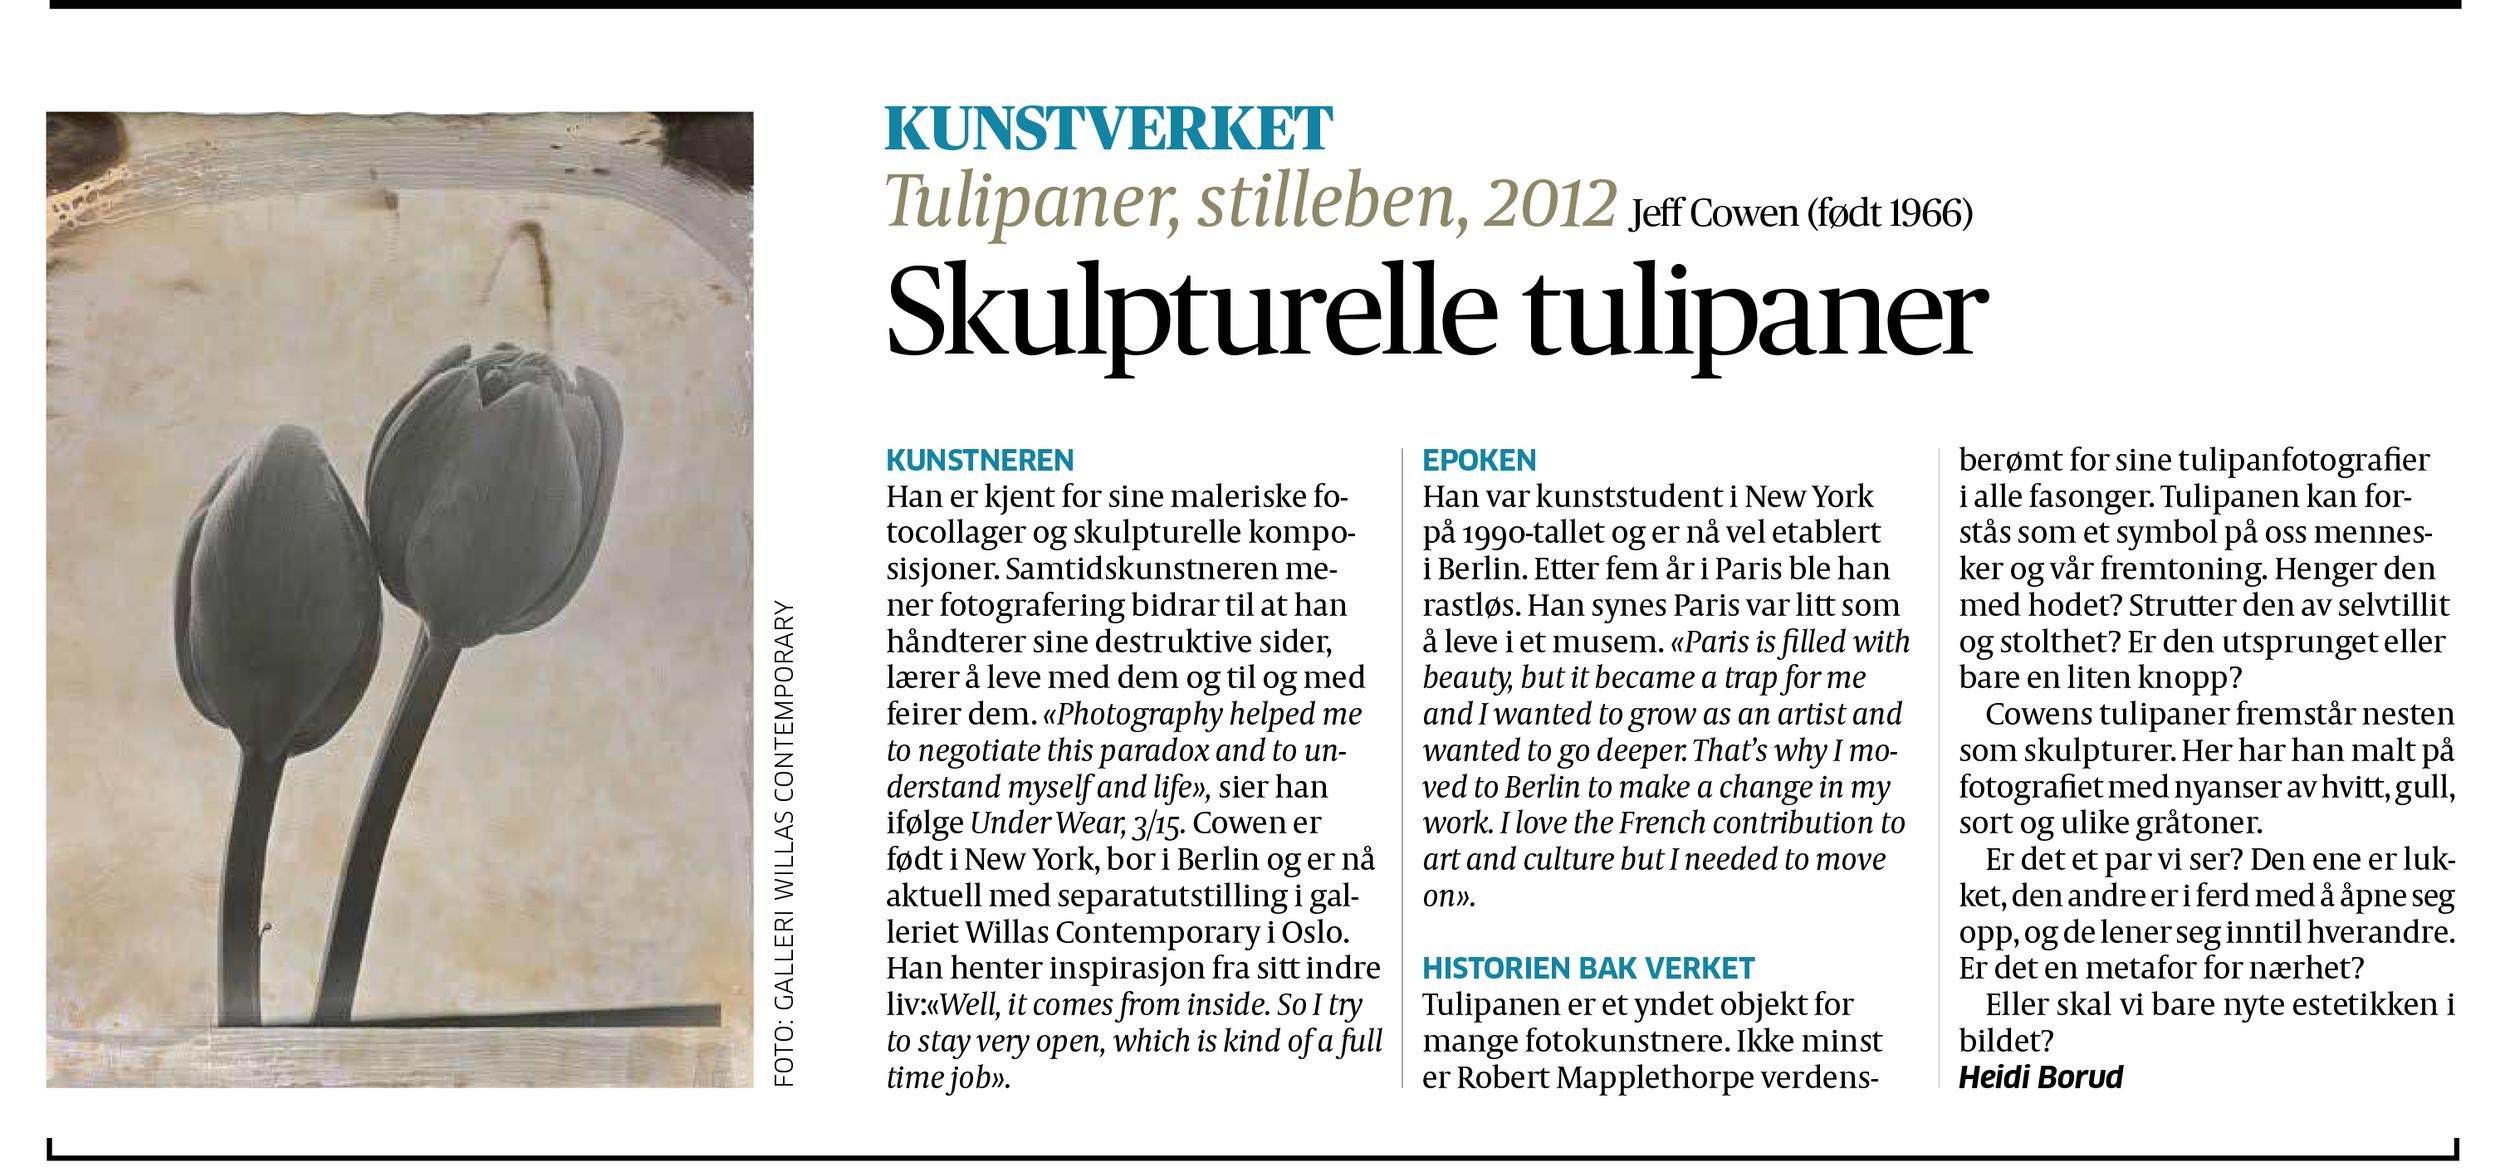 06.12.2015 Aftenposten.jpg